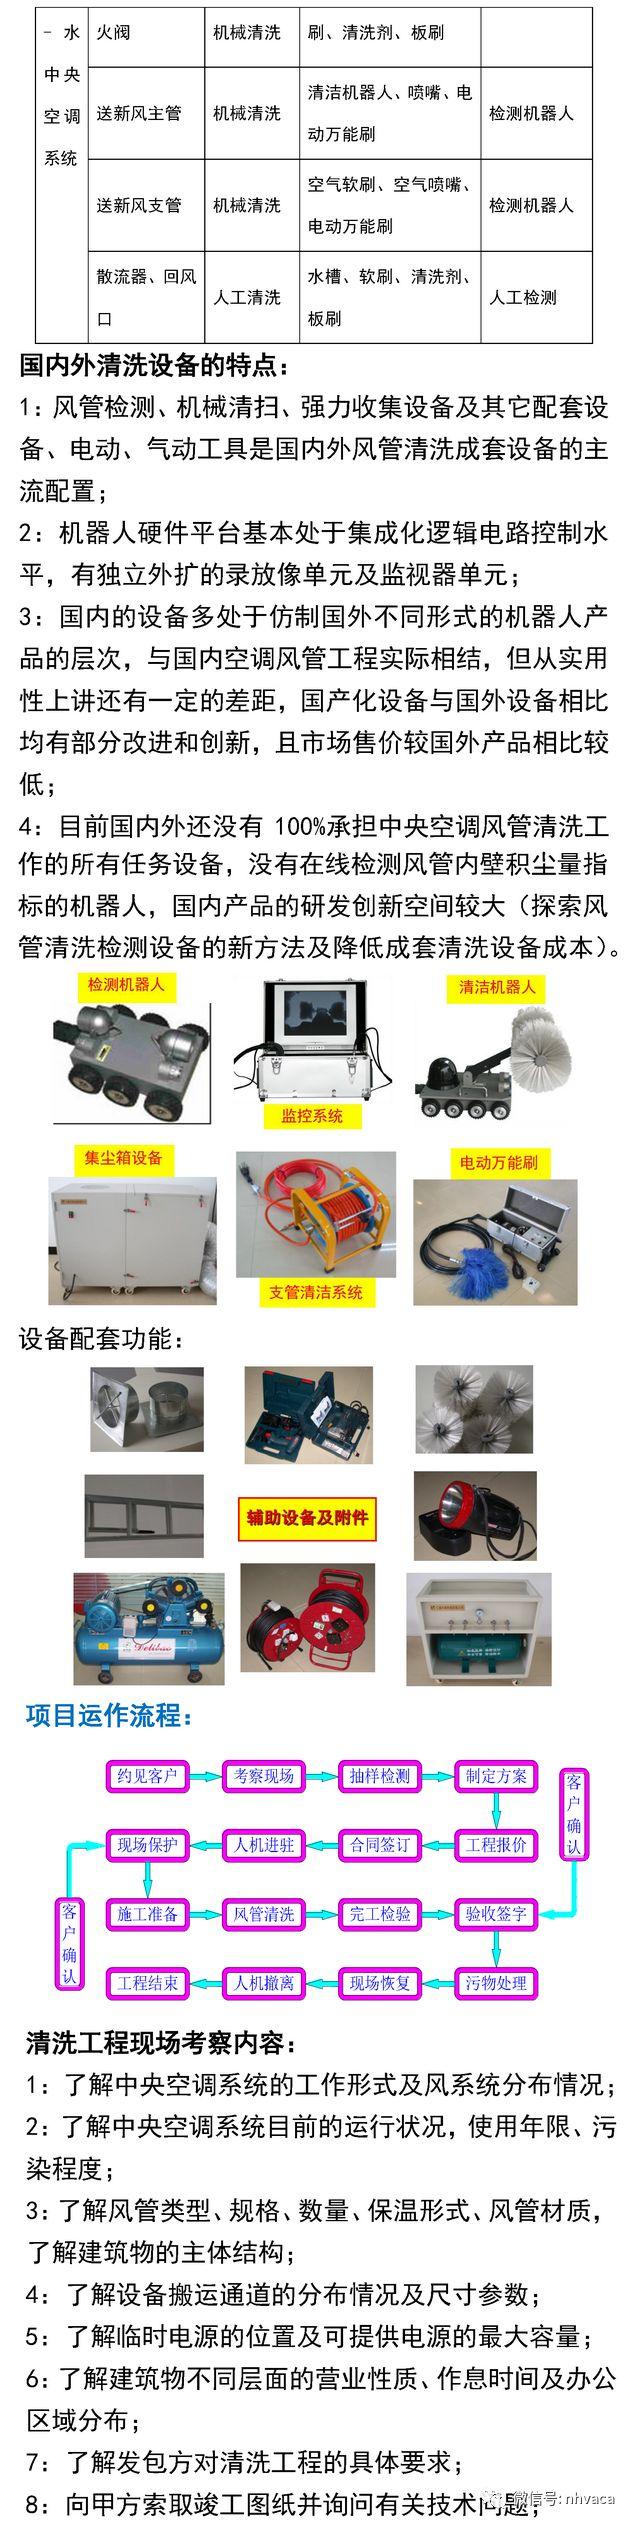 中央空调与风管系统清洗实操_5